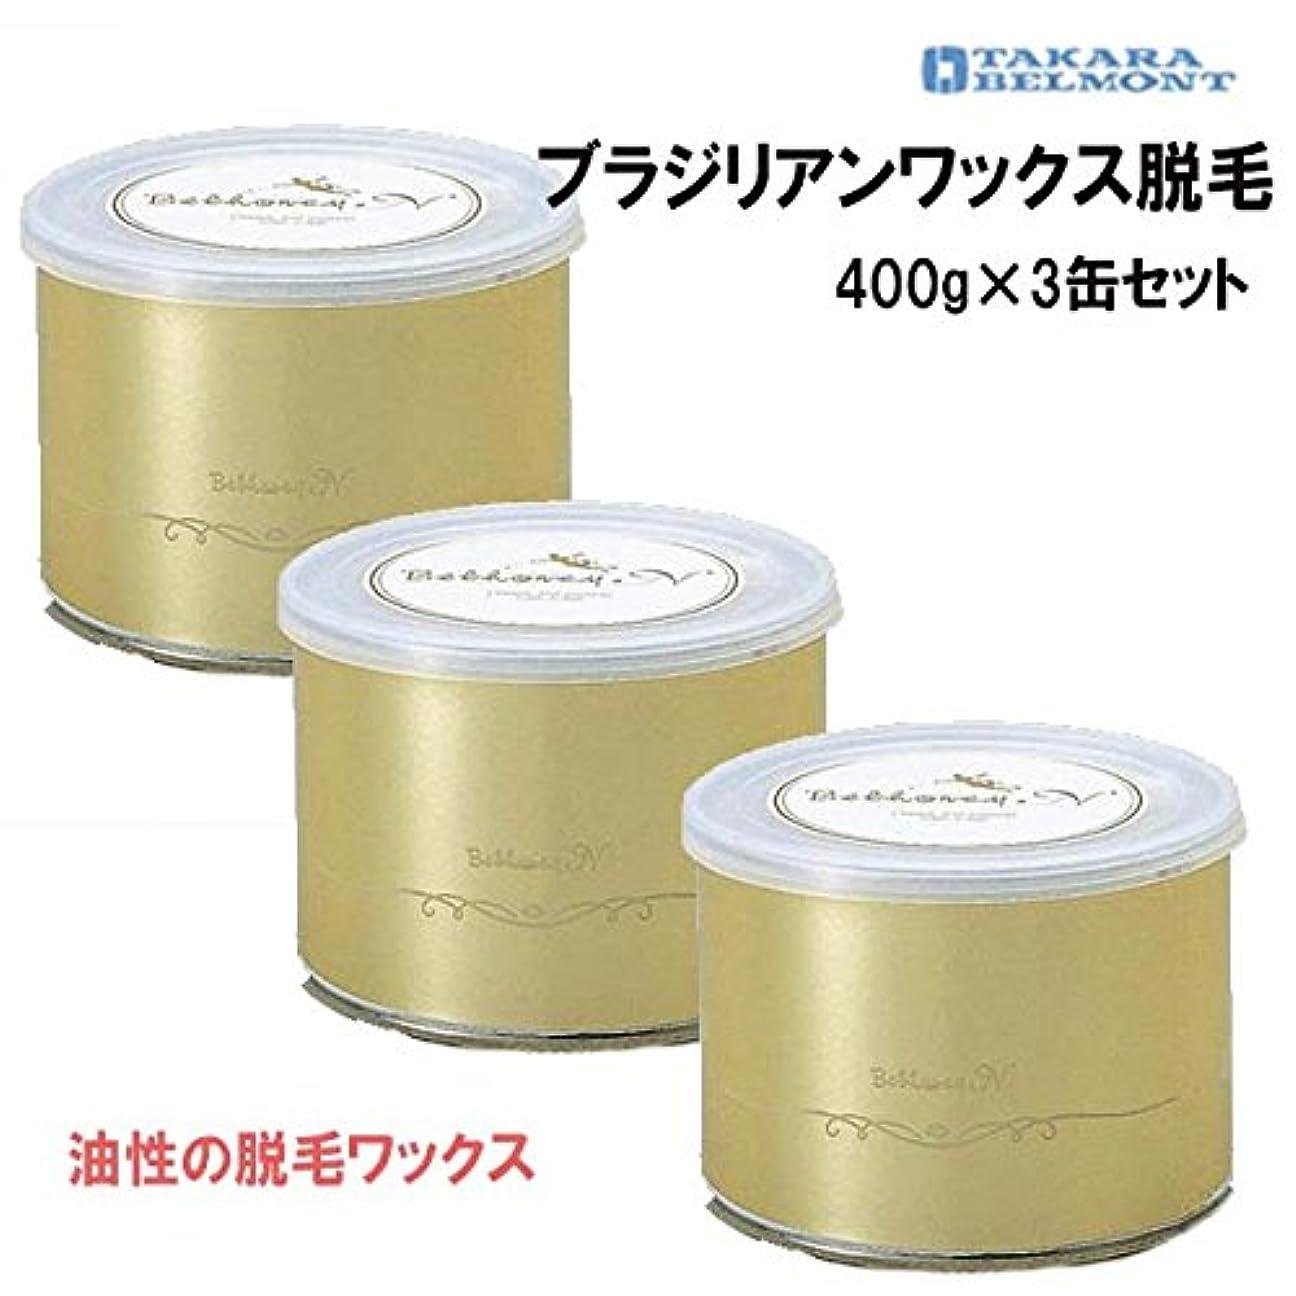 作ります曲線なめるタカラ脱毛ワックス?ベルハニーN 400g×3缶セット ブラジリアンワックス脱毛 油性?ウォームタイプ